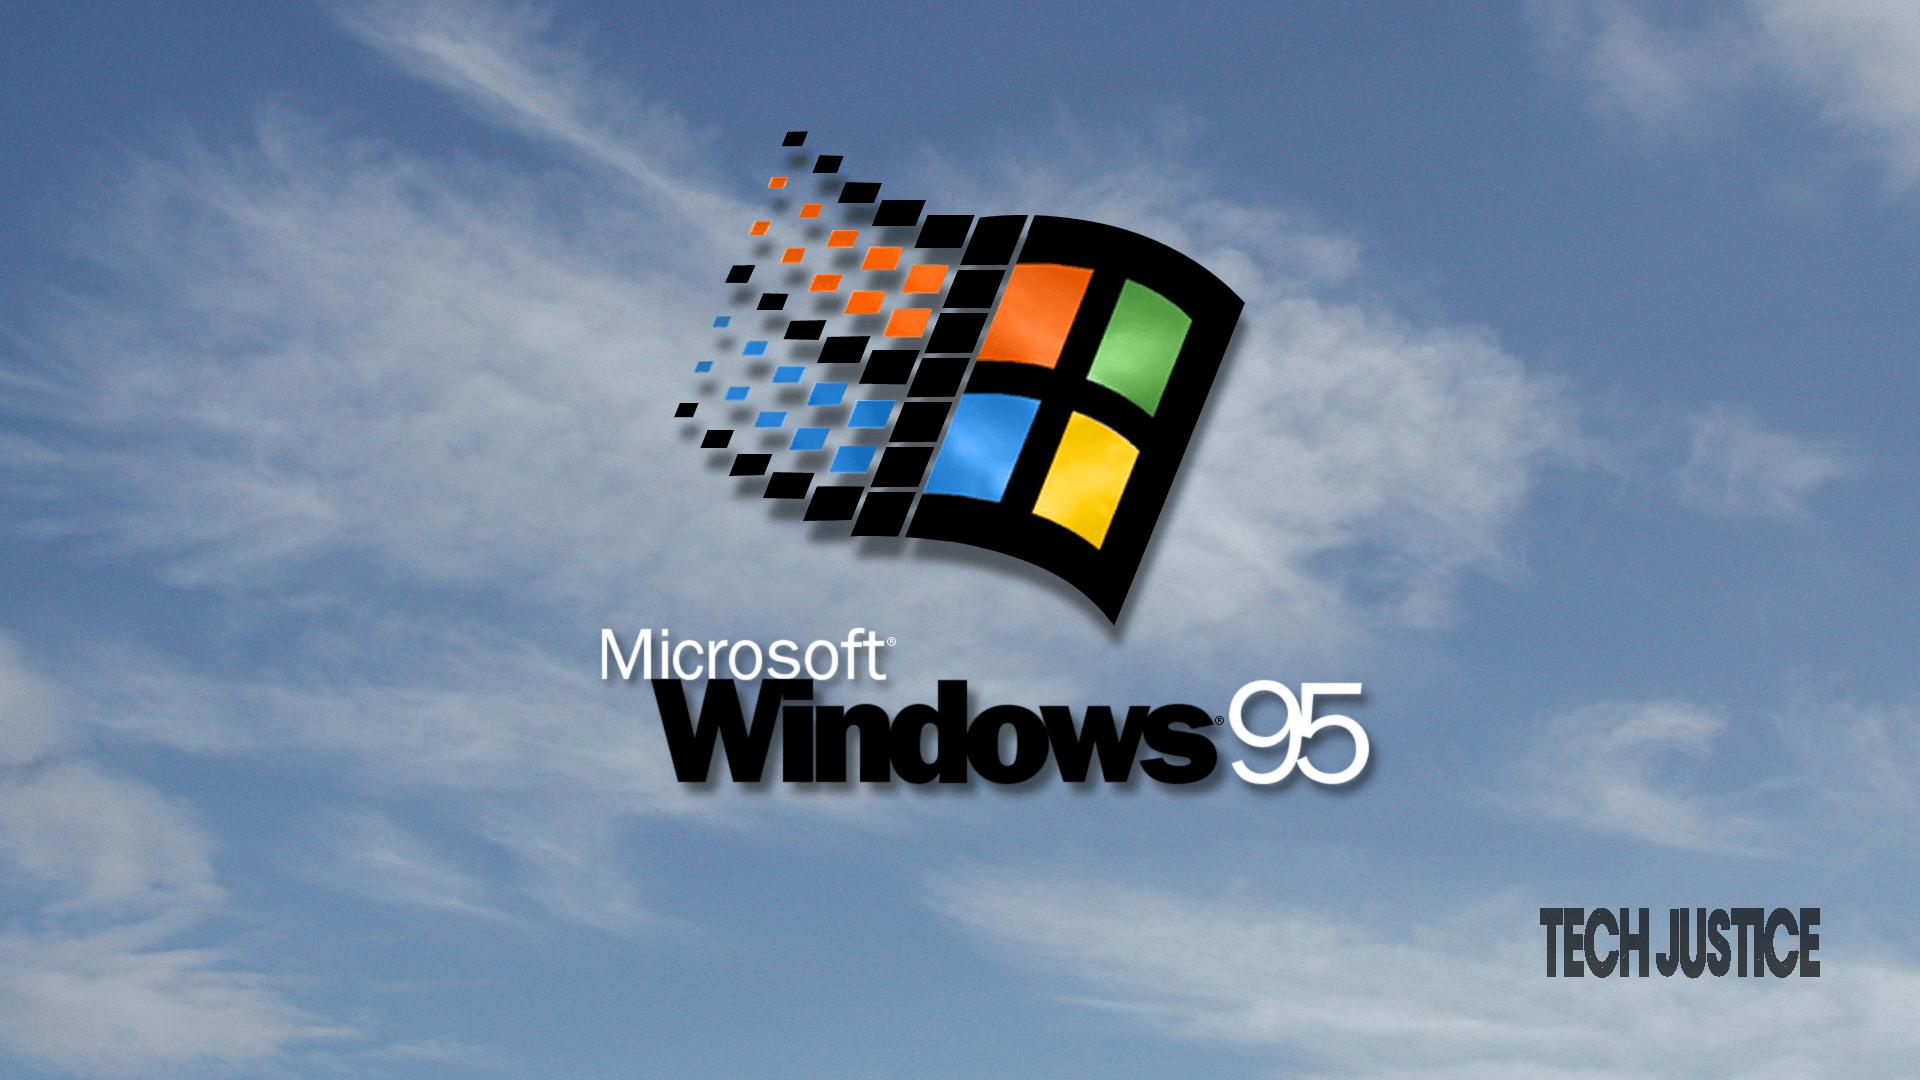 windows 95 Tech Justice